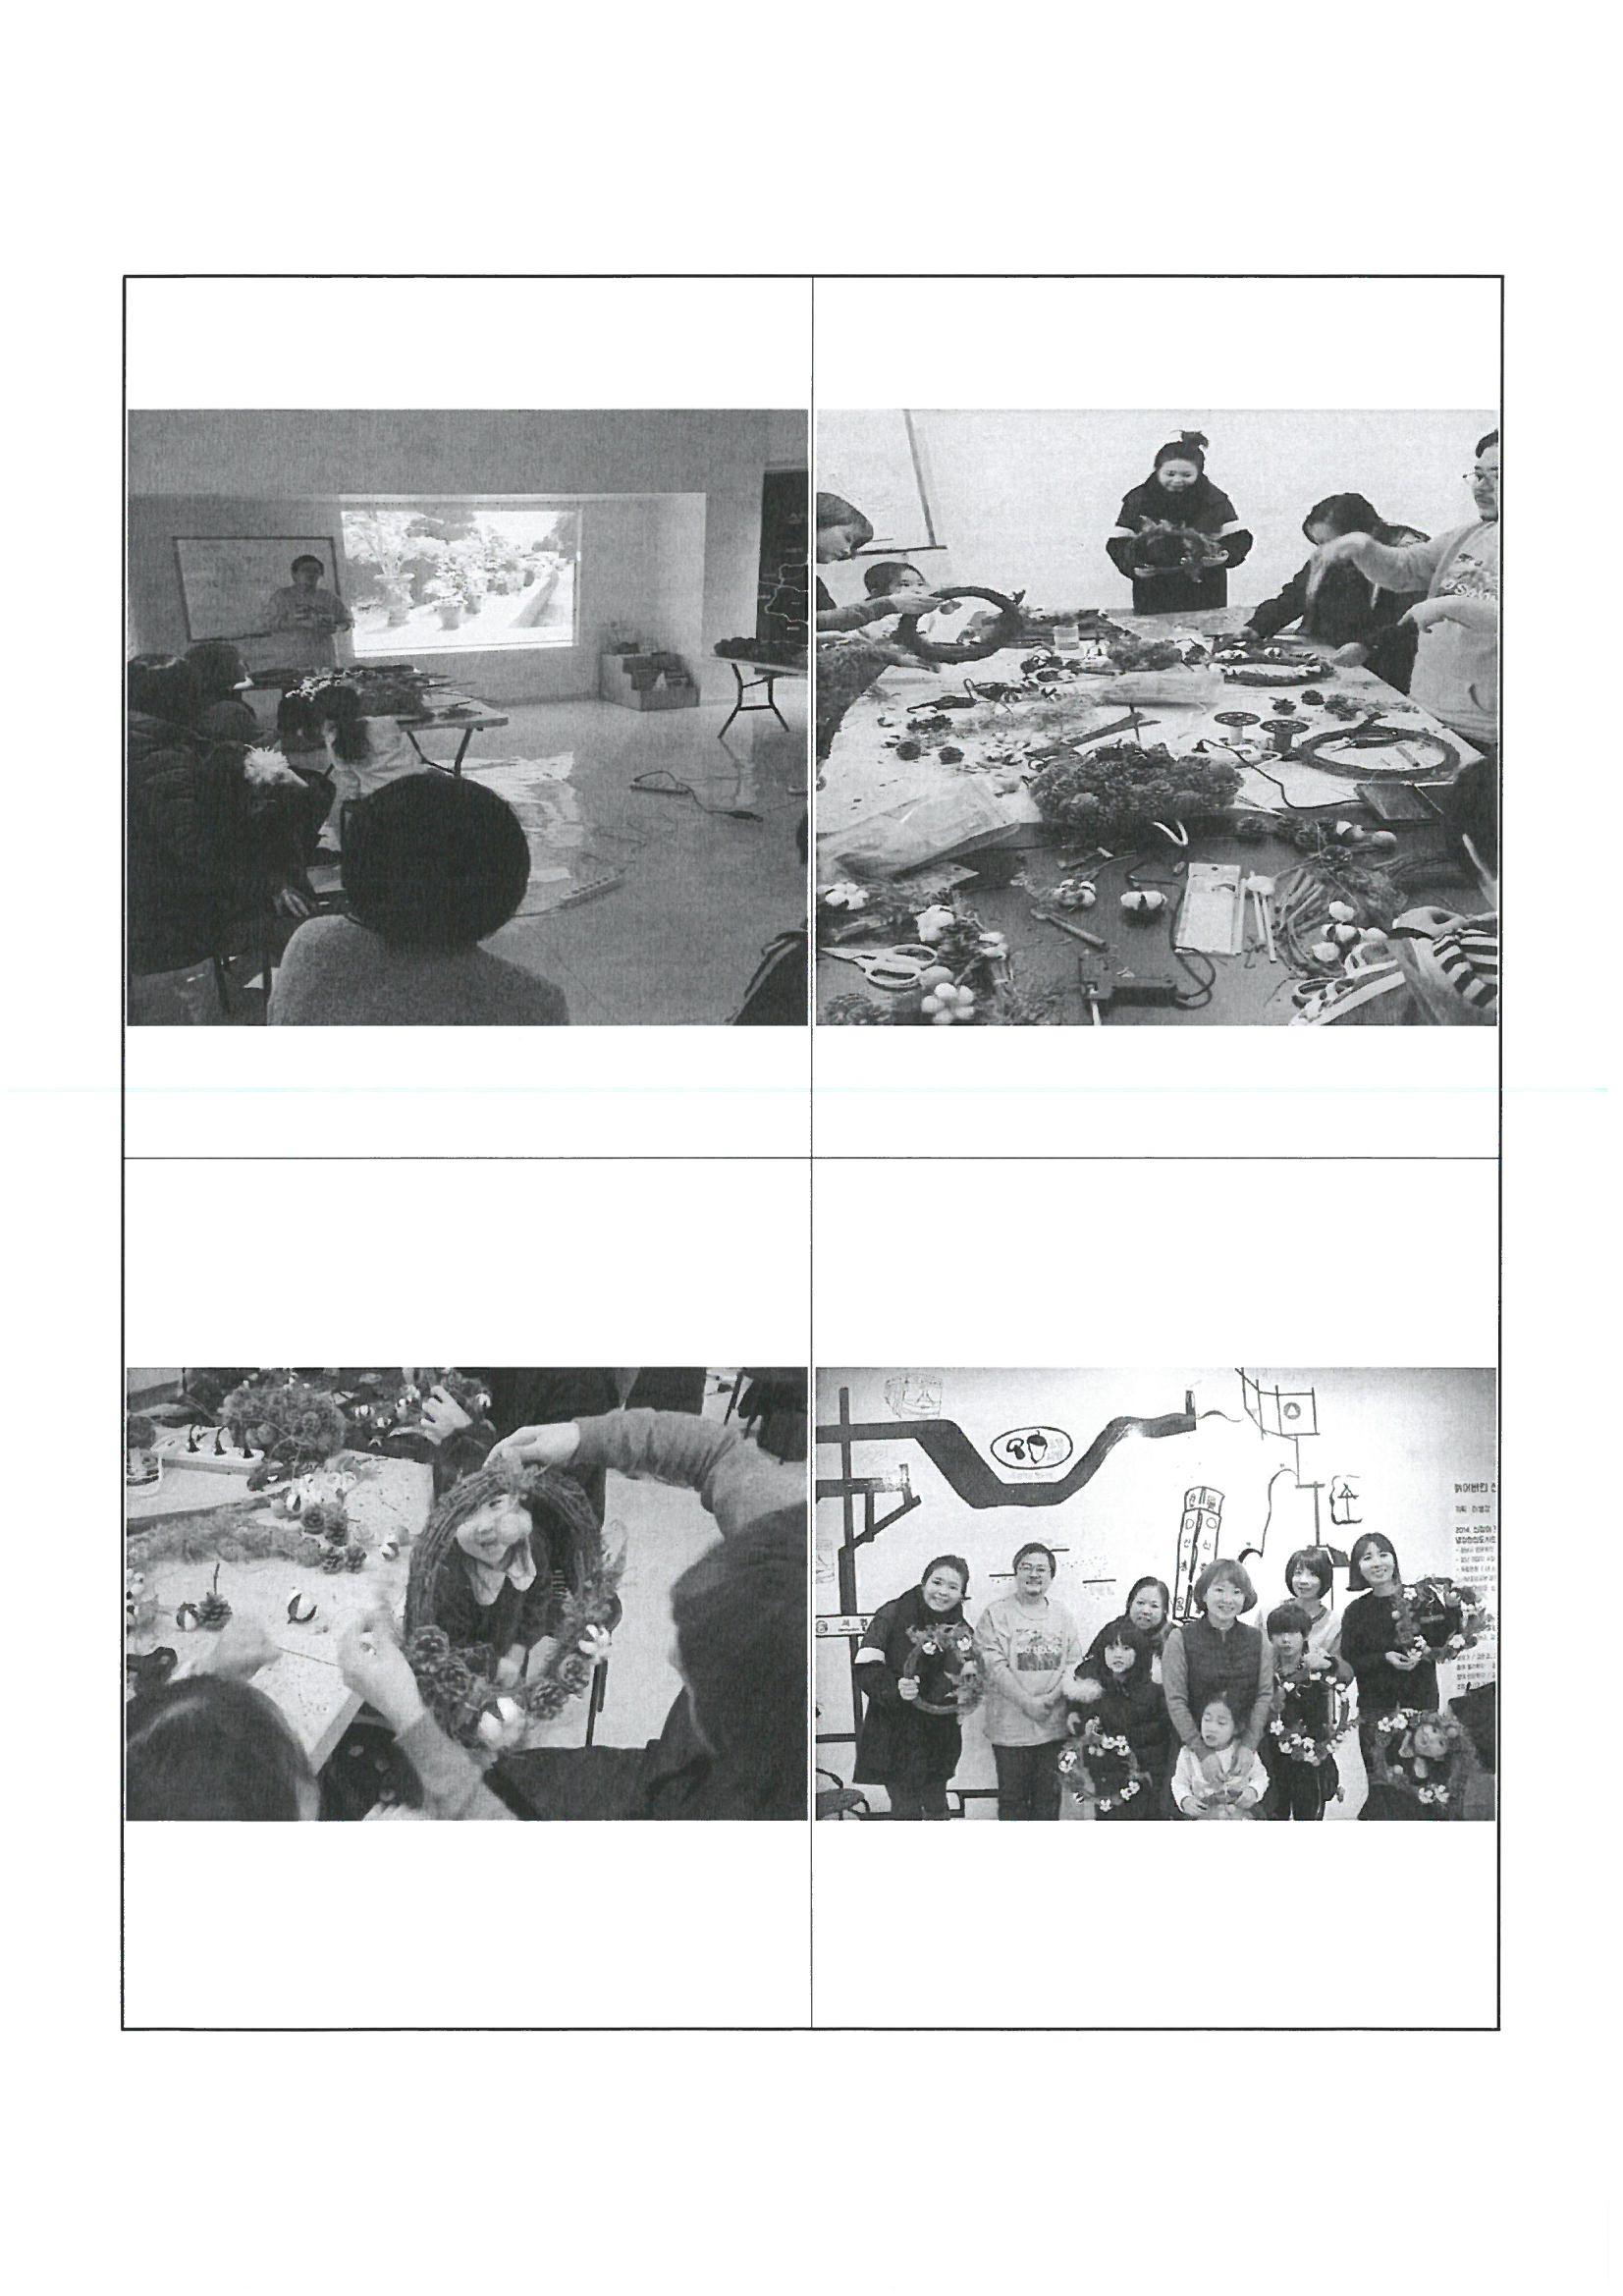 20180105_2017신흥동 진행경과_2017신흥동행사시진_페이지_23.jpg